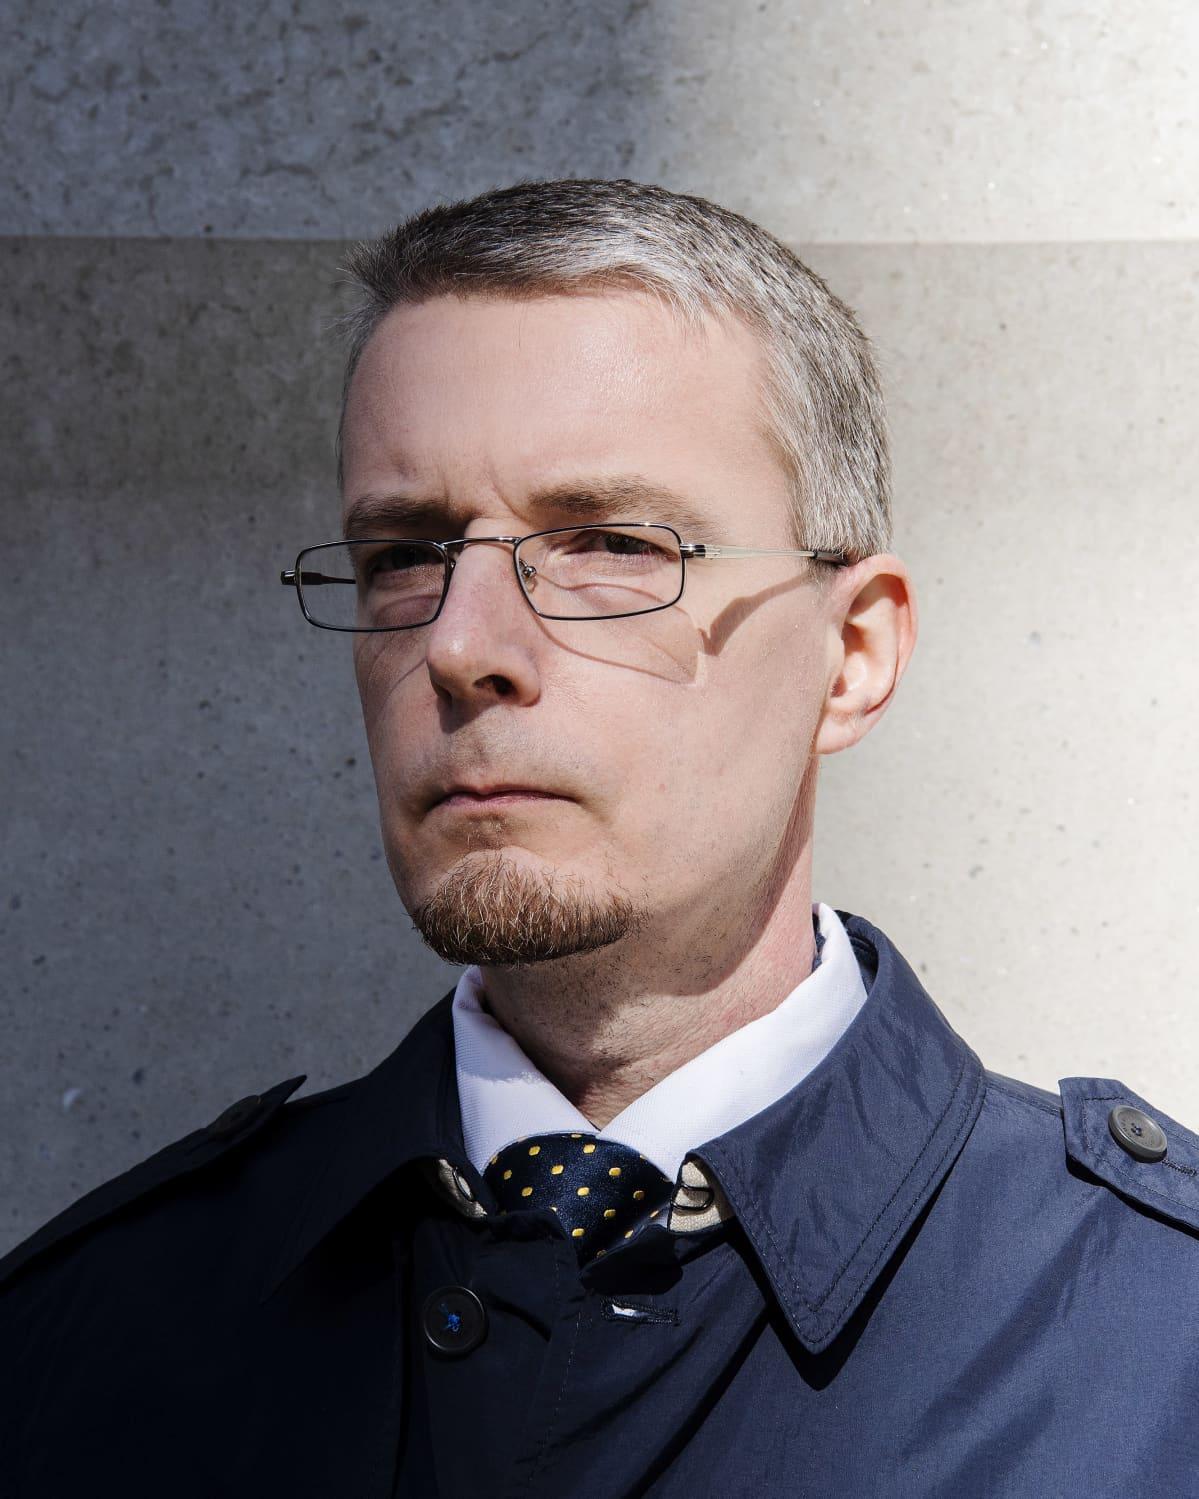 Itä-Suomen yliopiston julkisoikeuden professori Tomi Voutilainen.